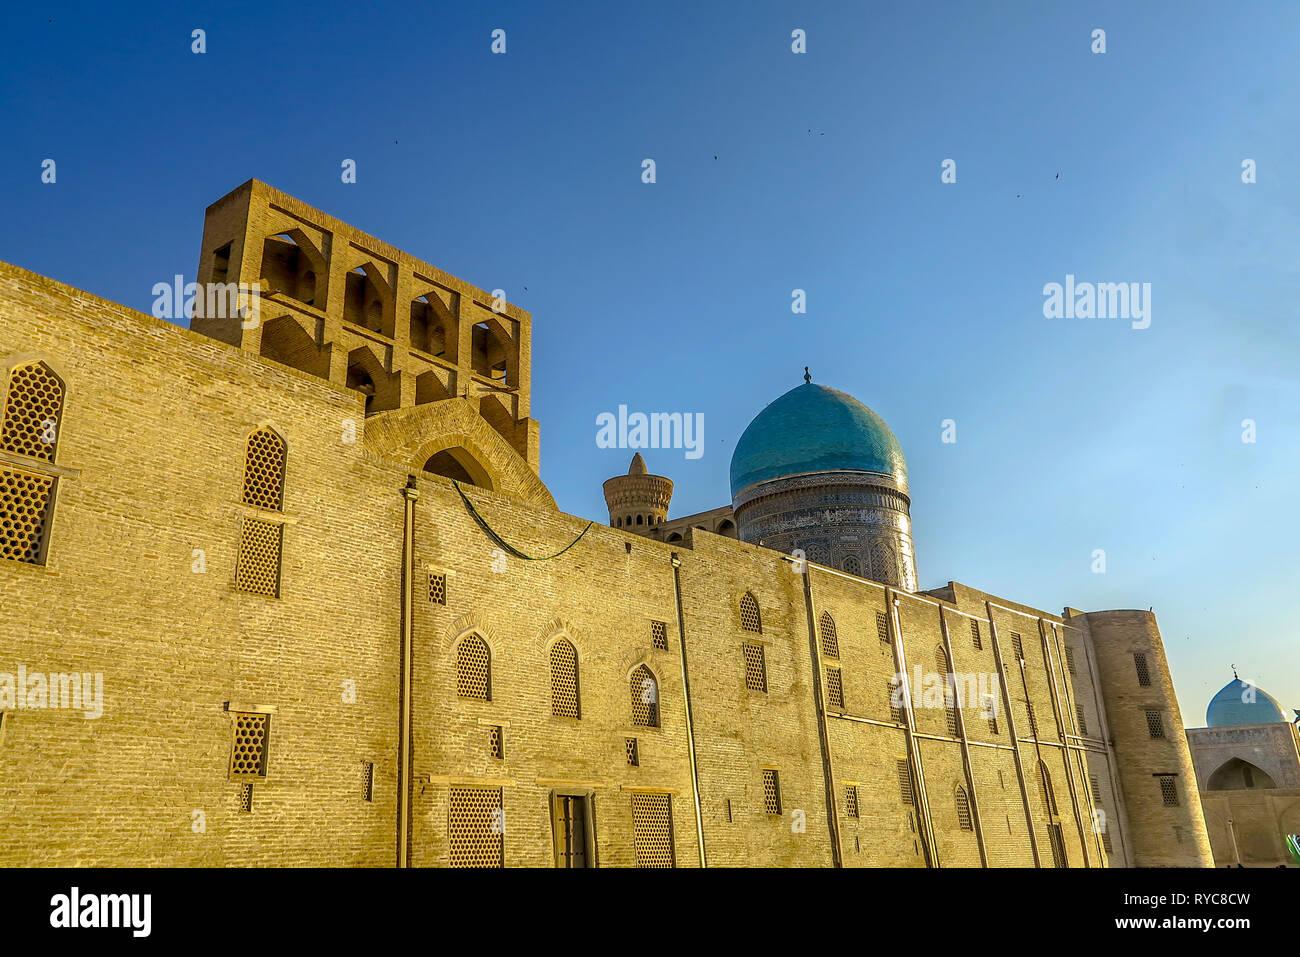 Bukhara Old City Arabian Miri Arab Madrasa Facade Walls Back View - Stock Image